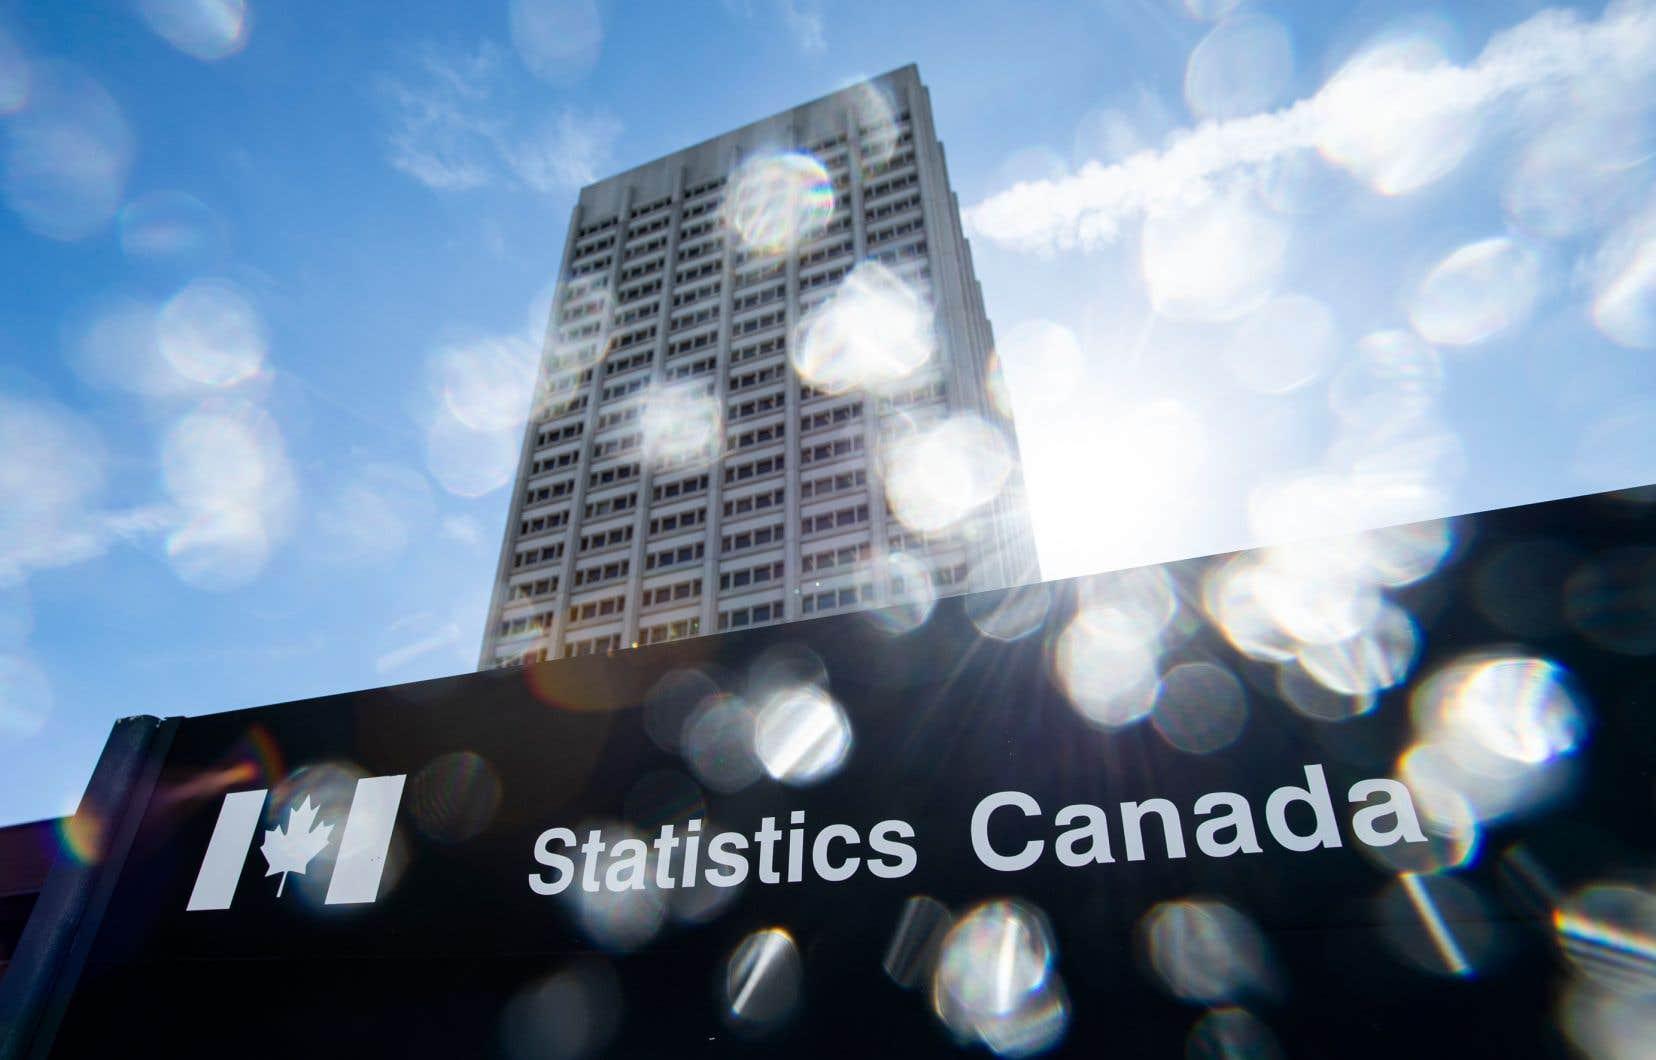 Le taux de réponse au questionnaire détaillé s'élève aux dernières nouvelles à 95,75% comparativement à 68,6% en 2011 (sous Harper) et 97,8% en 2016 (sous Trudeau).